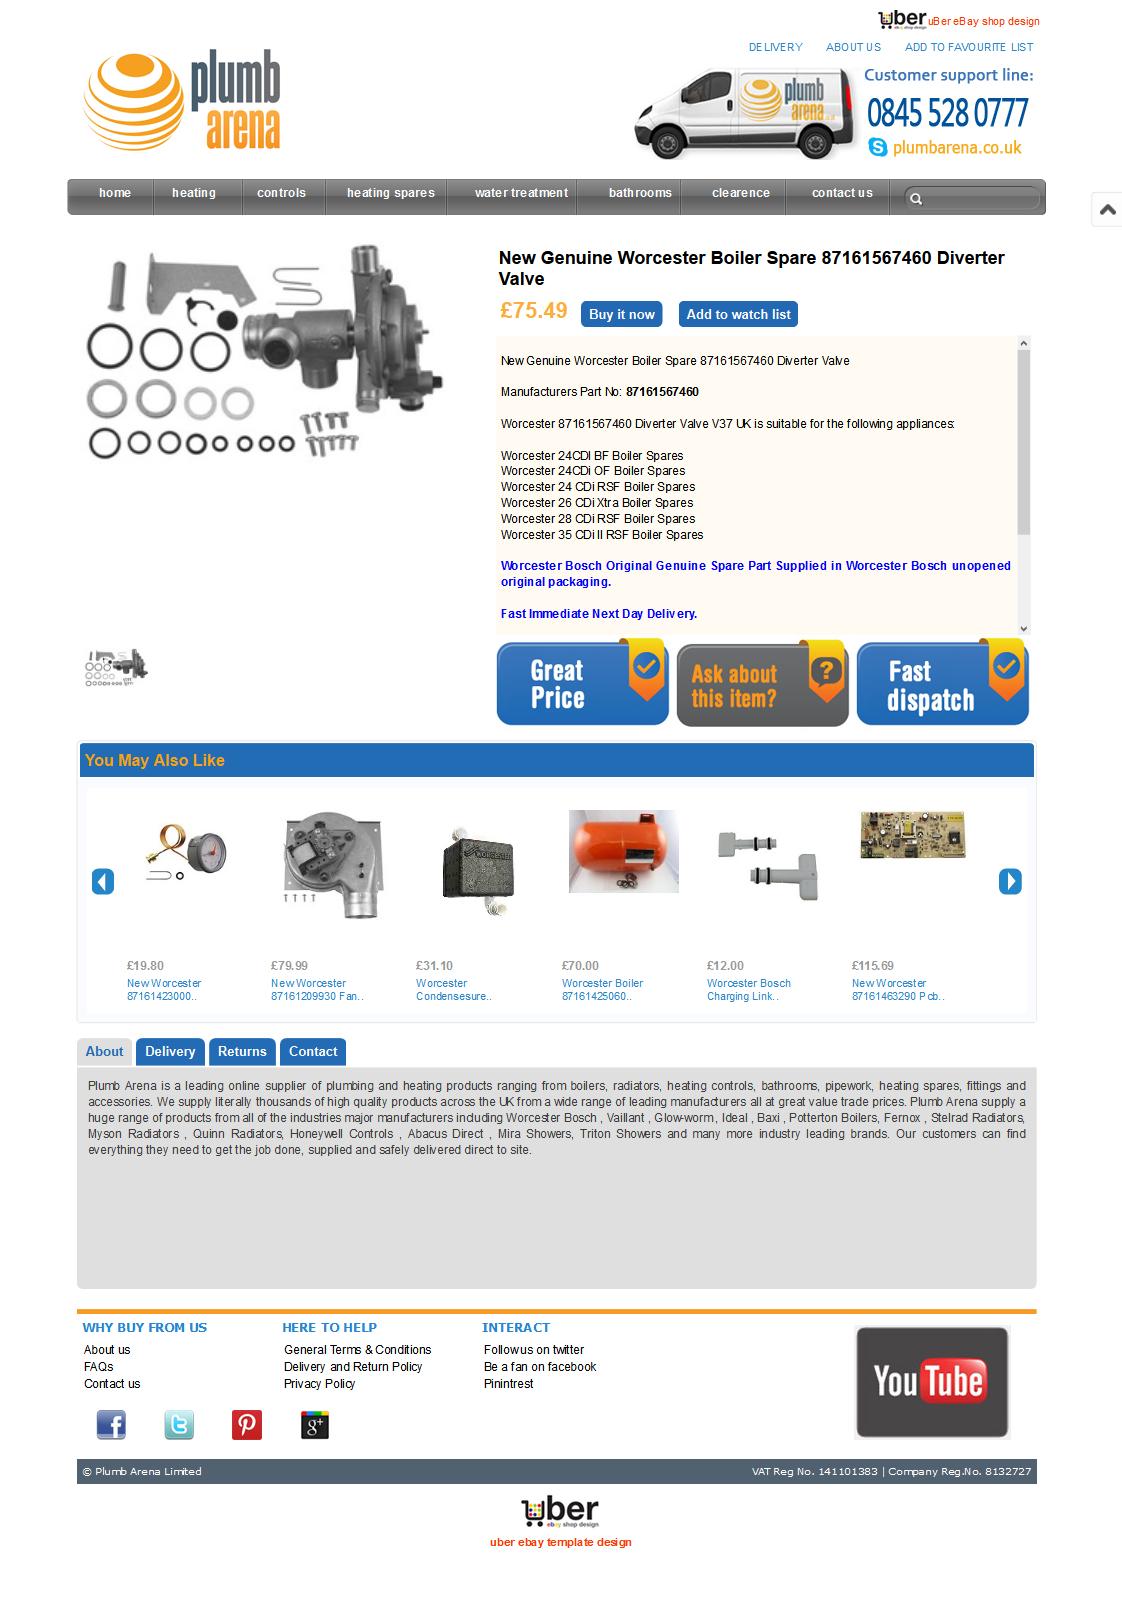 Plumbarena ebay store item template design